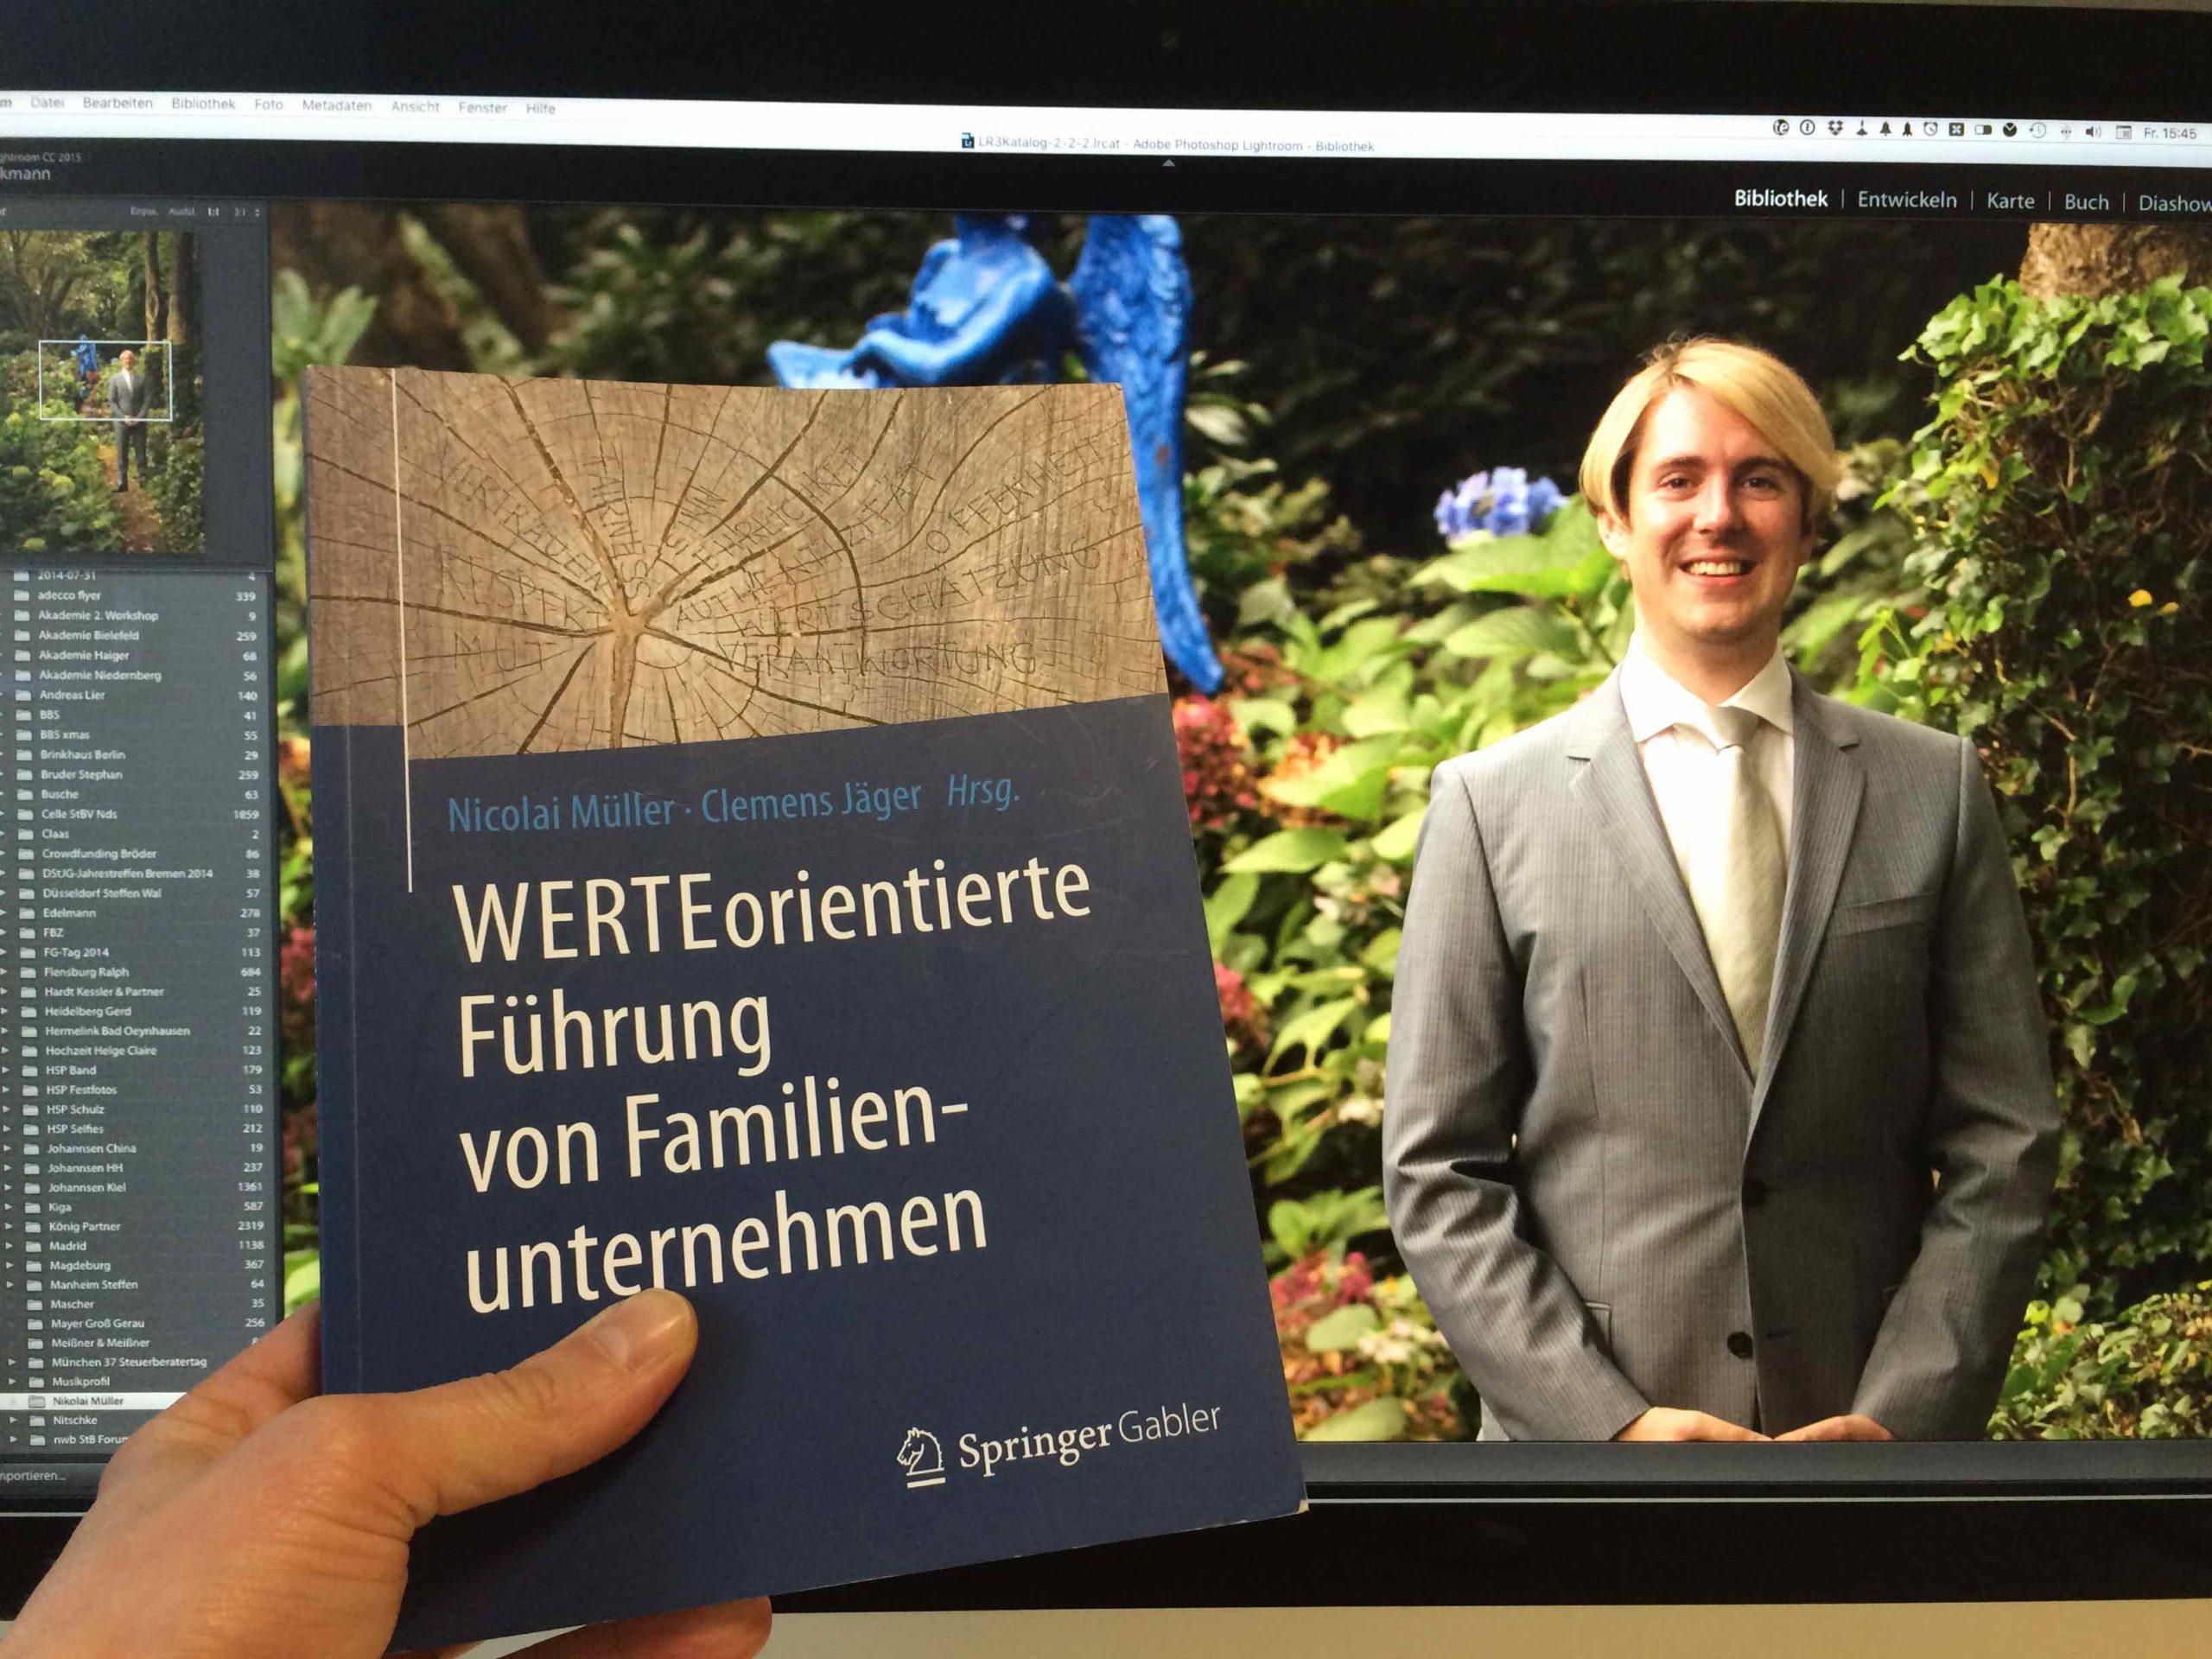 StB Nicolai Müller und sein Buch